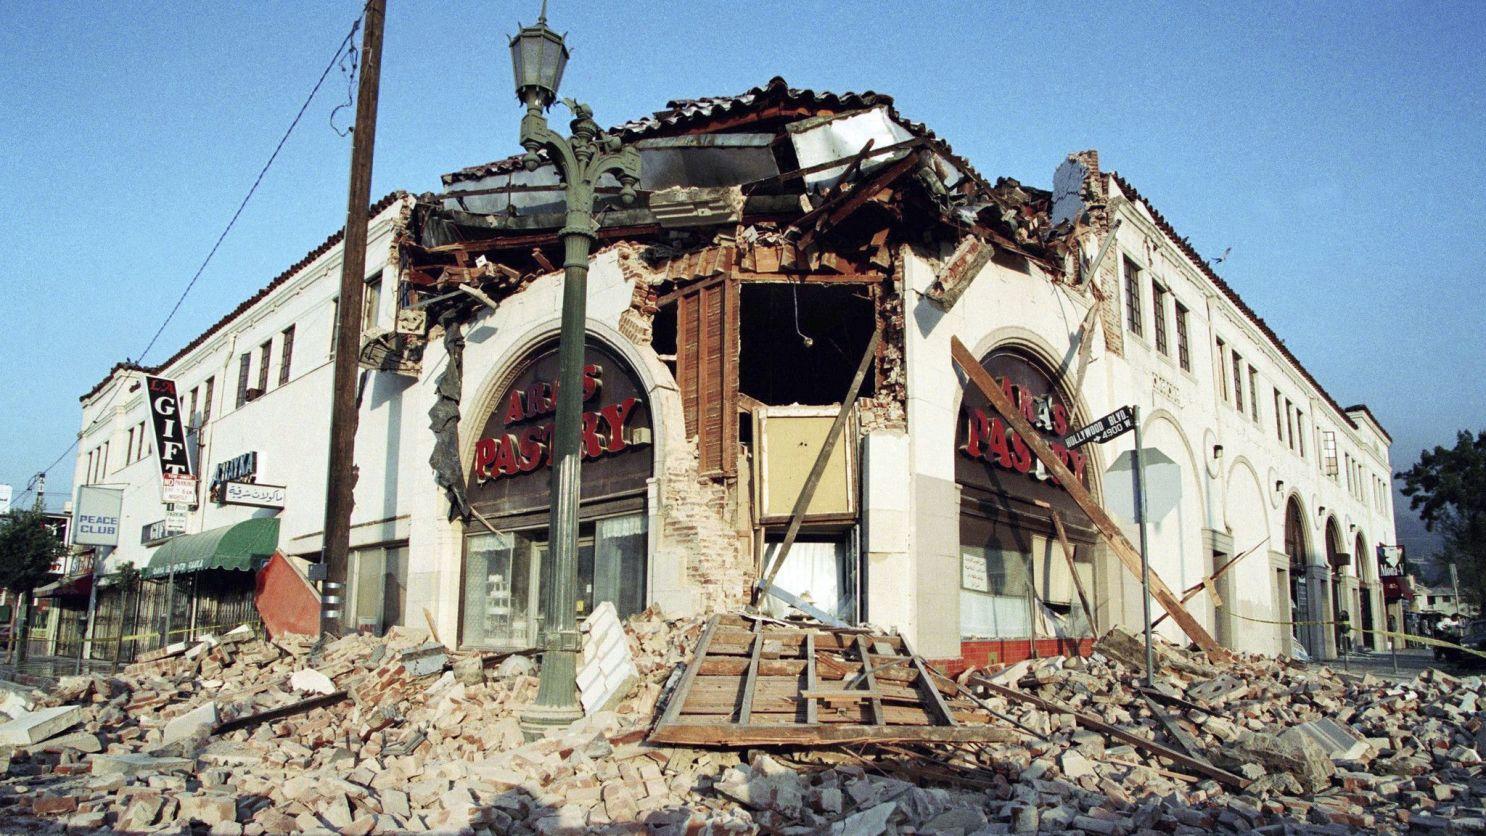 پیشبینی زمینلرزههای بزرگ با استفاده از جیپیاس